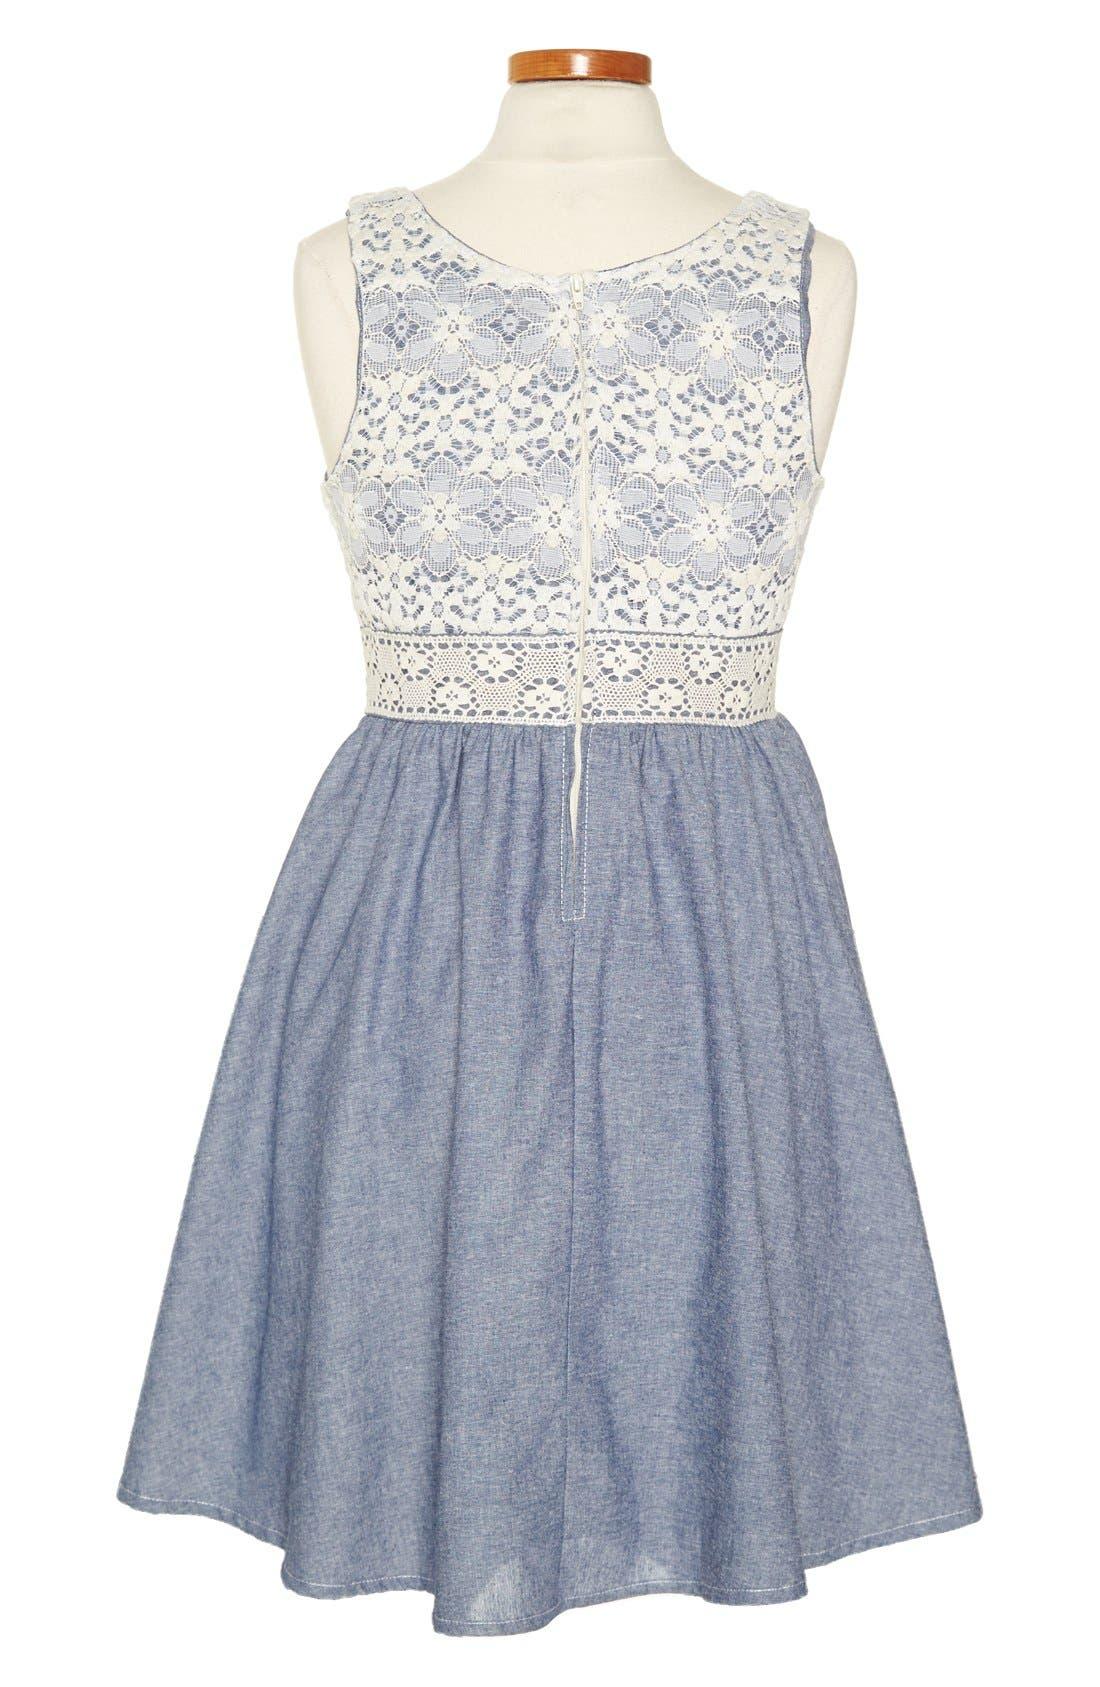 Alternate Image 2  - Zunie Lace Chambray Dress (Big Girls)